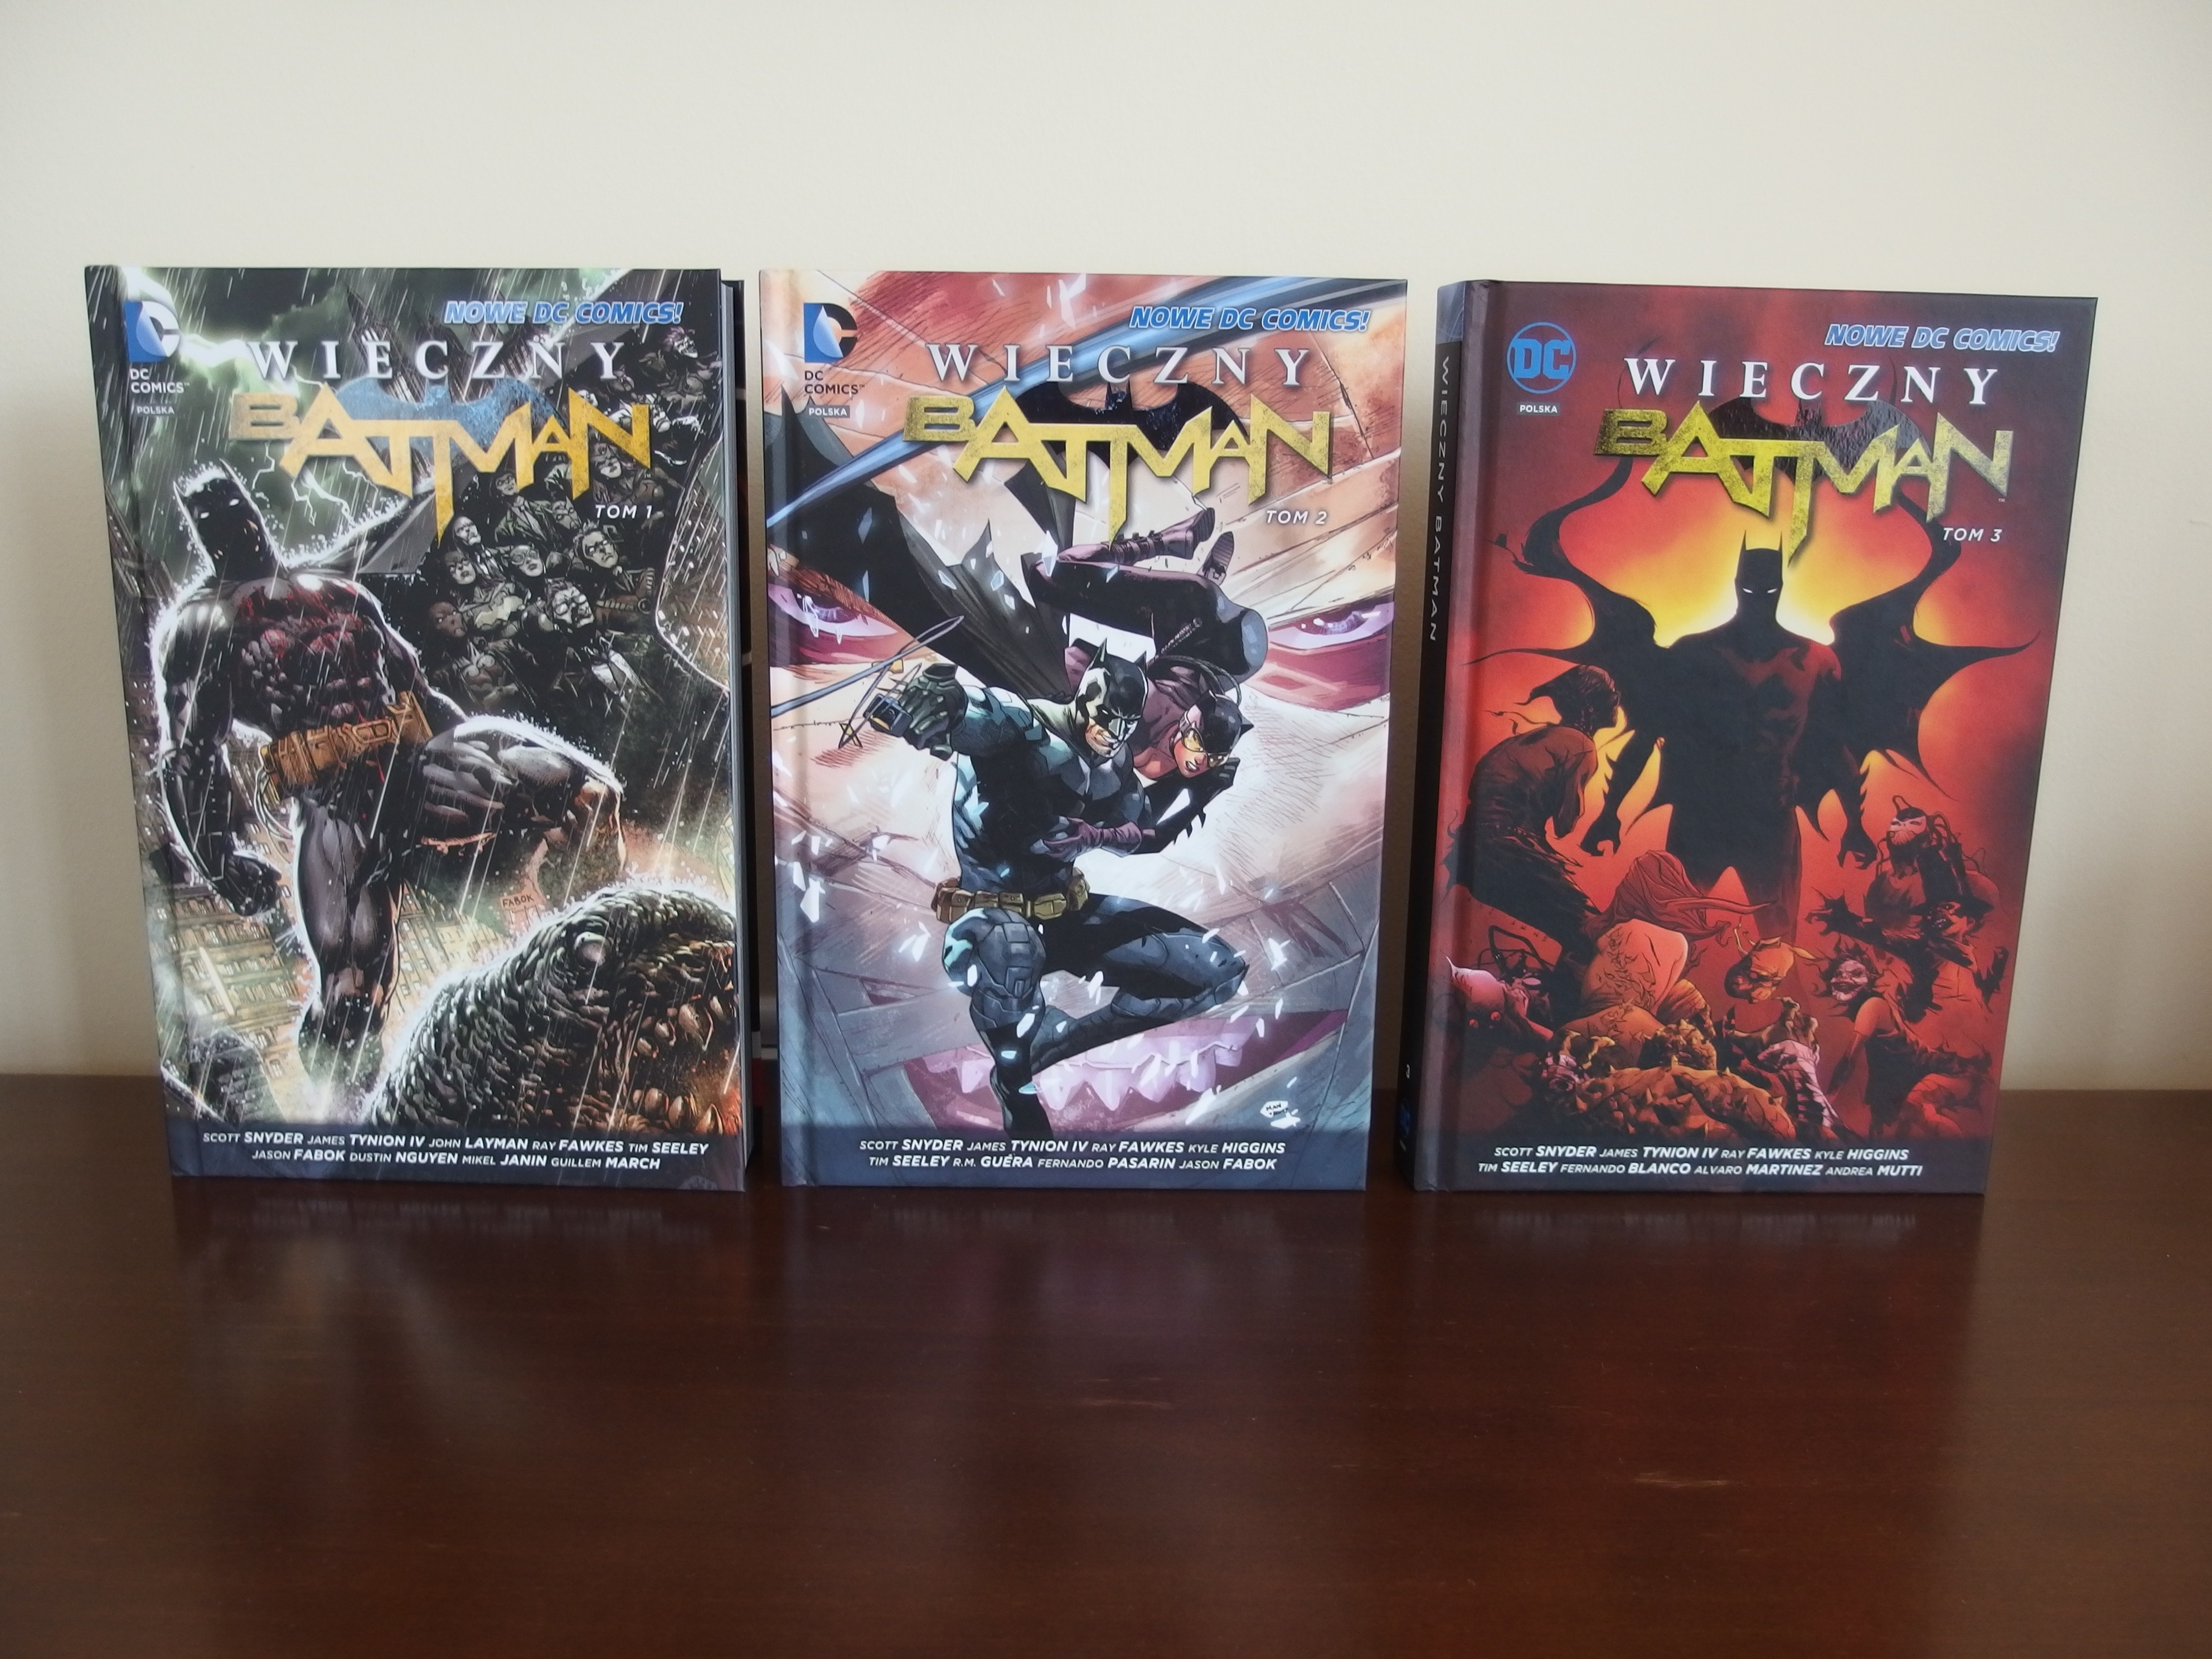 Wieczny Batman tomy 1- 3